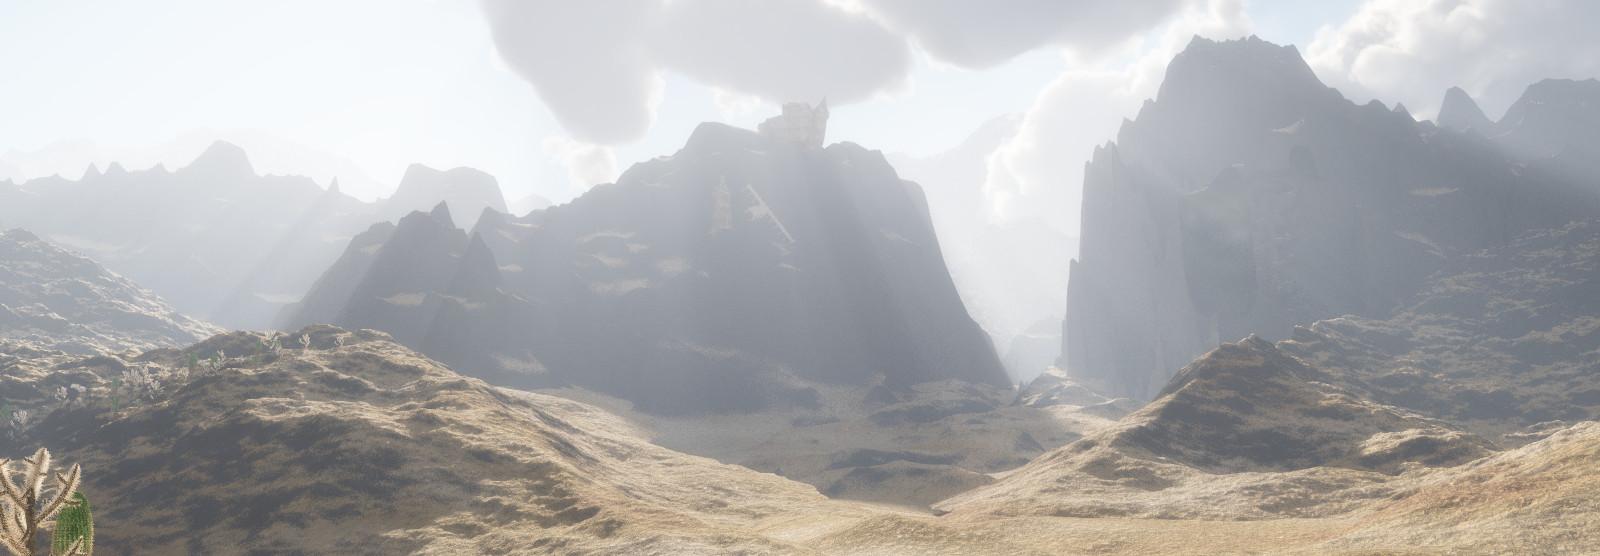 Jangai Pass by Lupus-deus-est